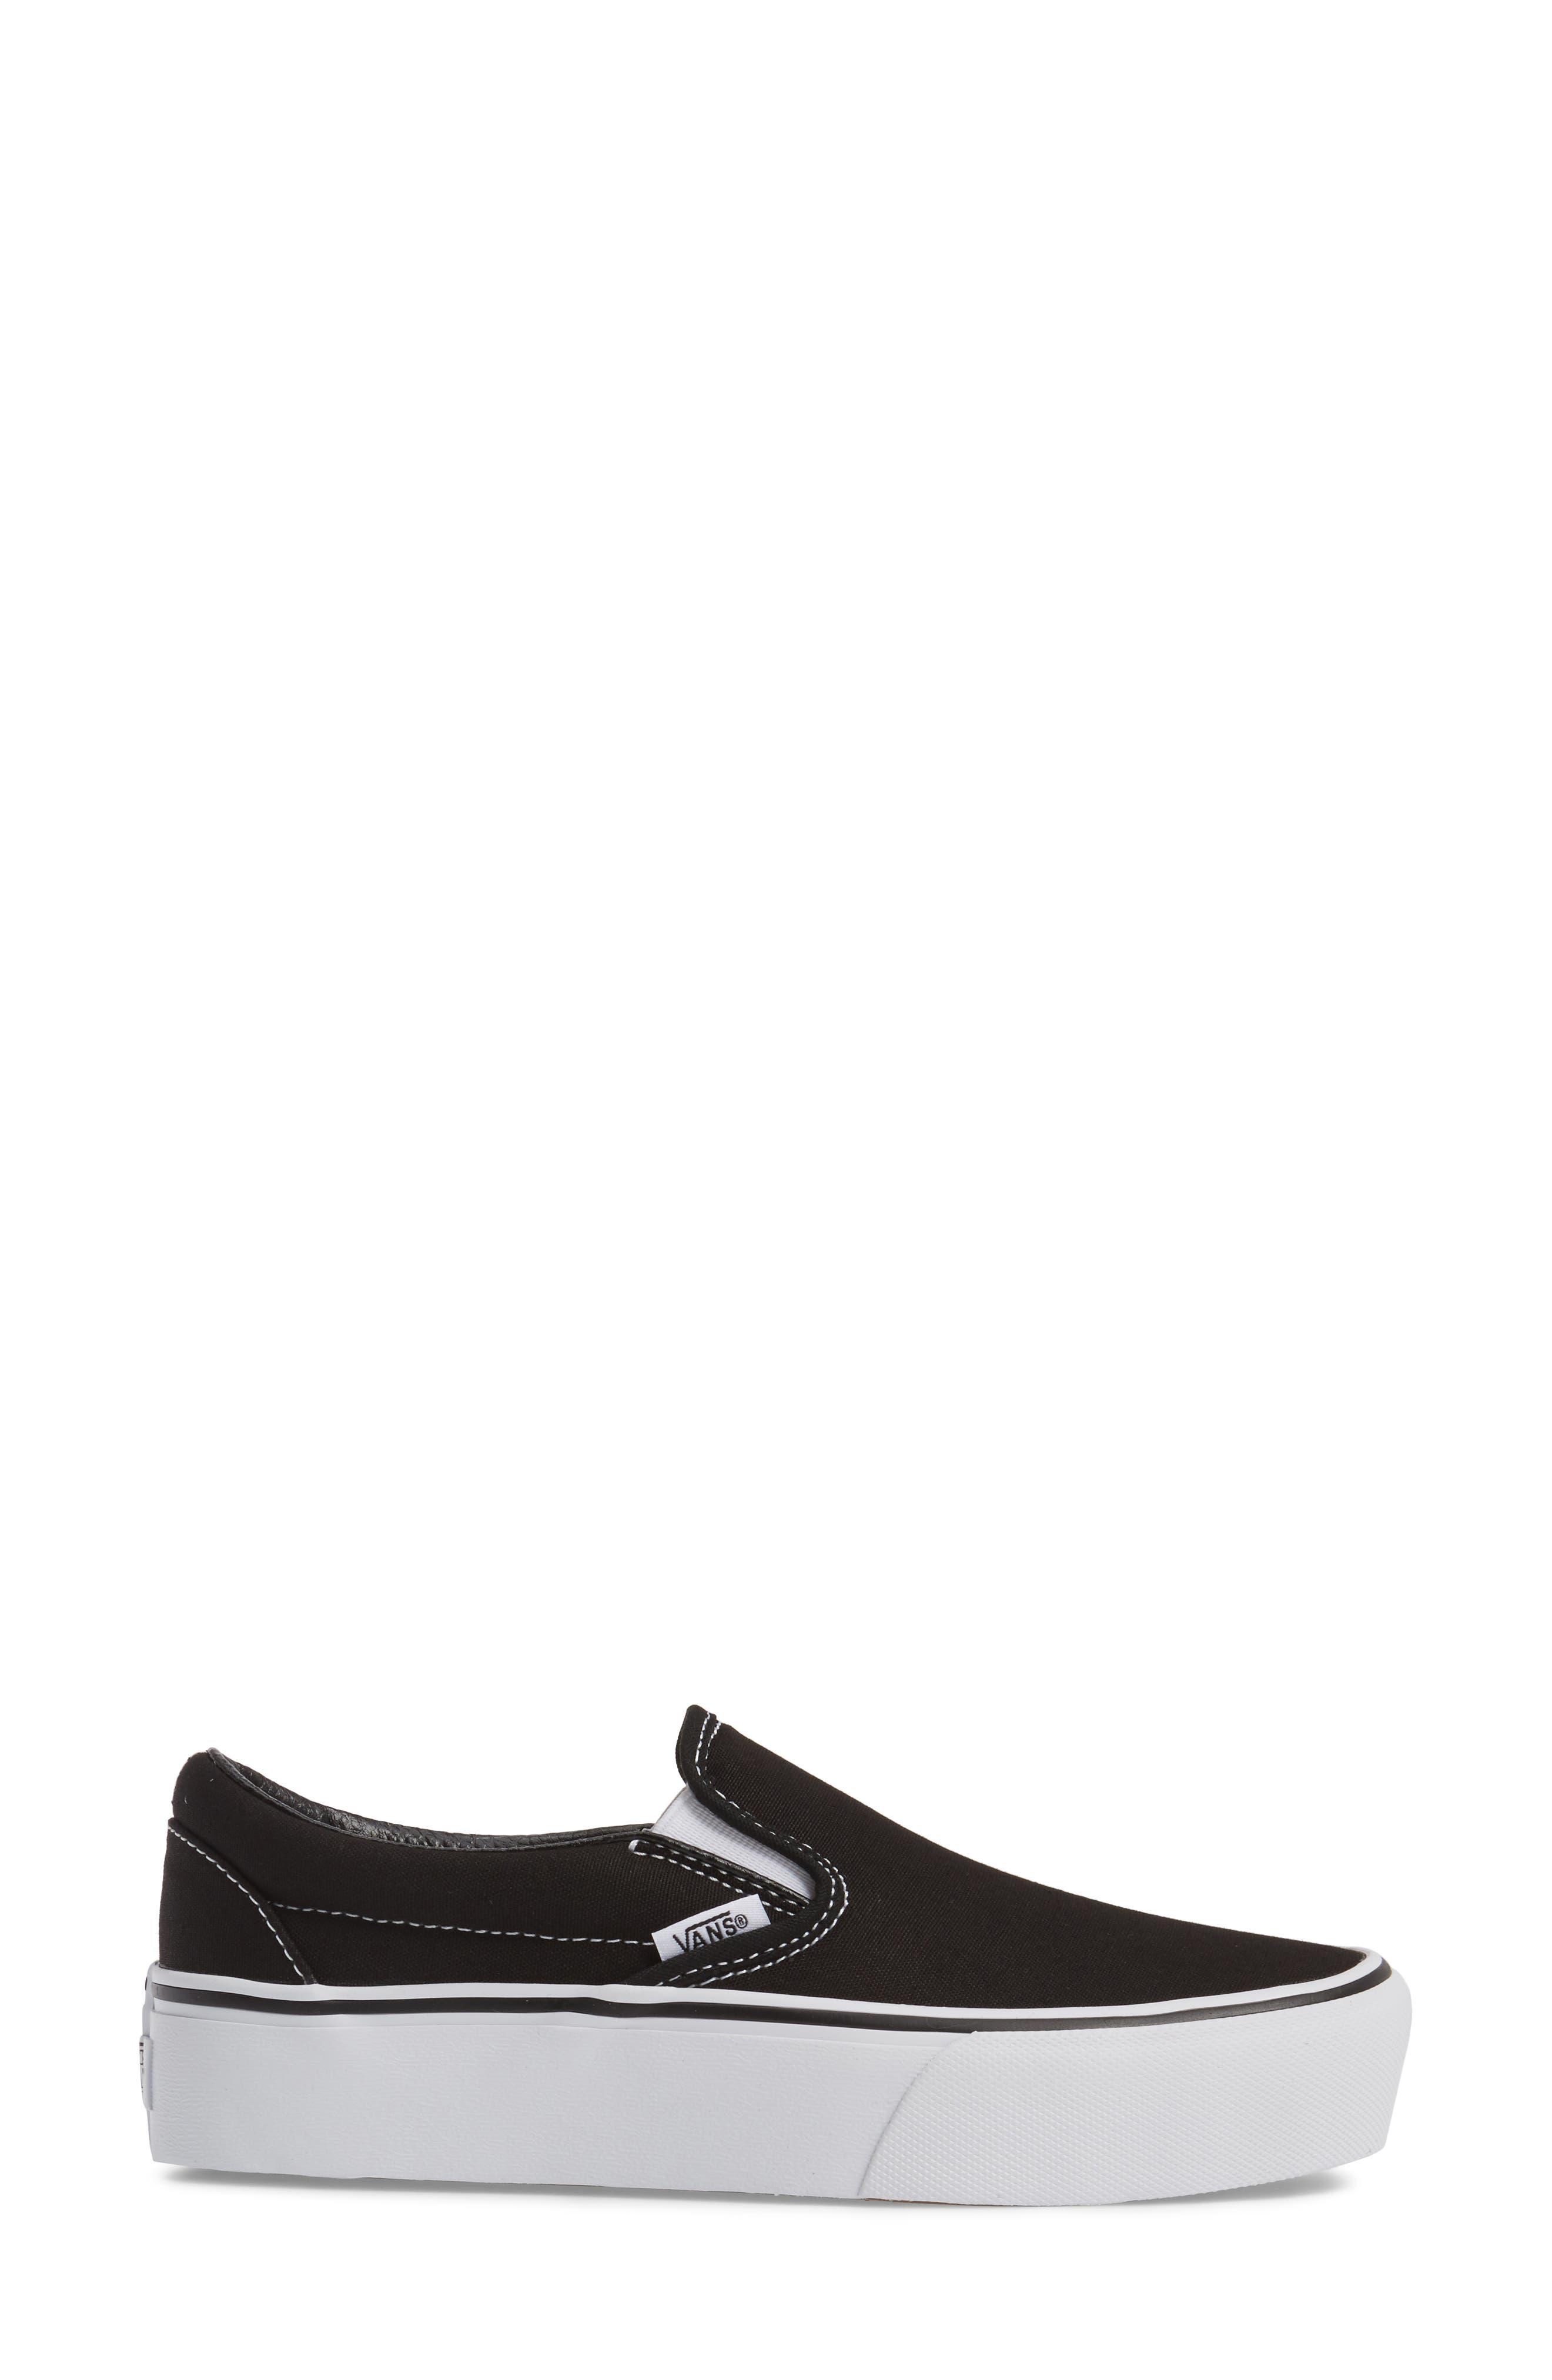 VANS, Platform Slip-On Sneaker, Alternate thumbnail 3, color, BLACK/ WHITE